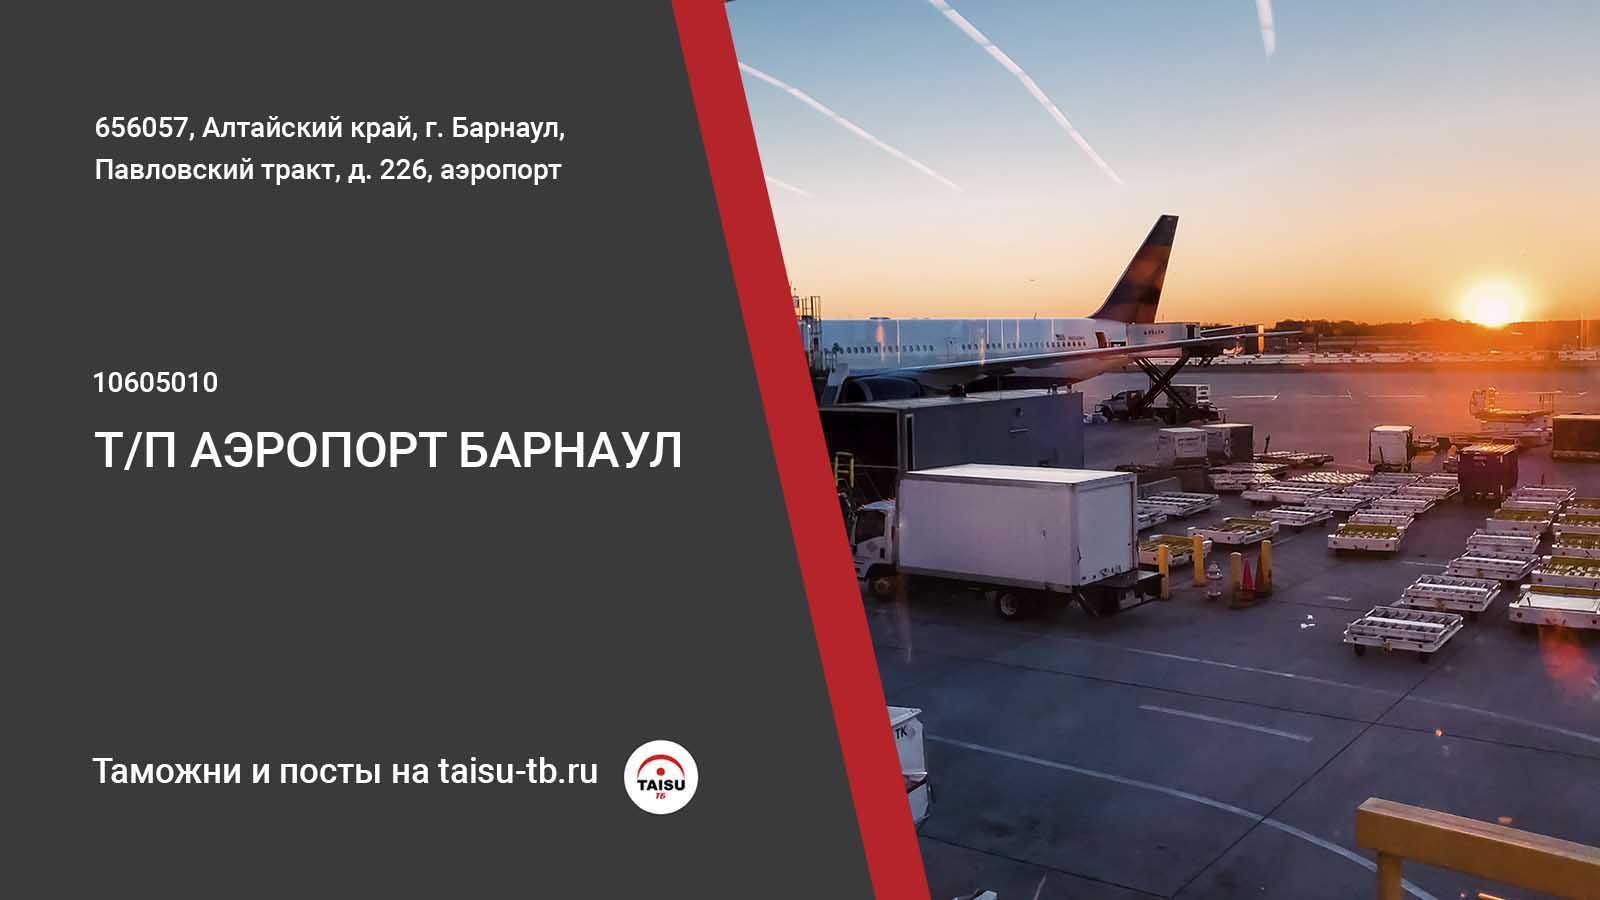 Таможенный пост Аэропорт Барнаул